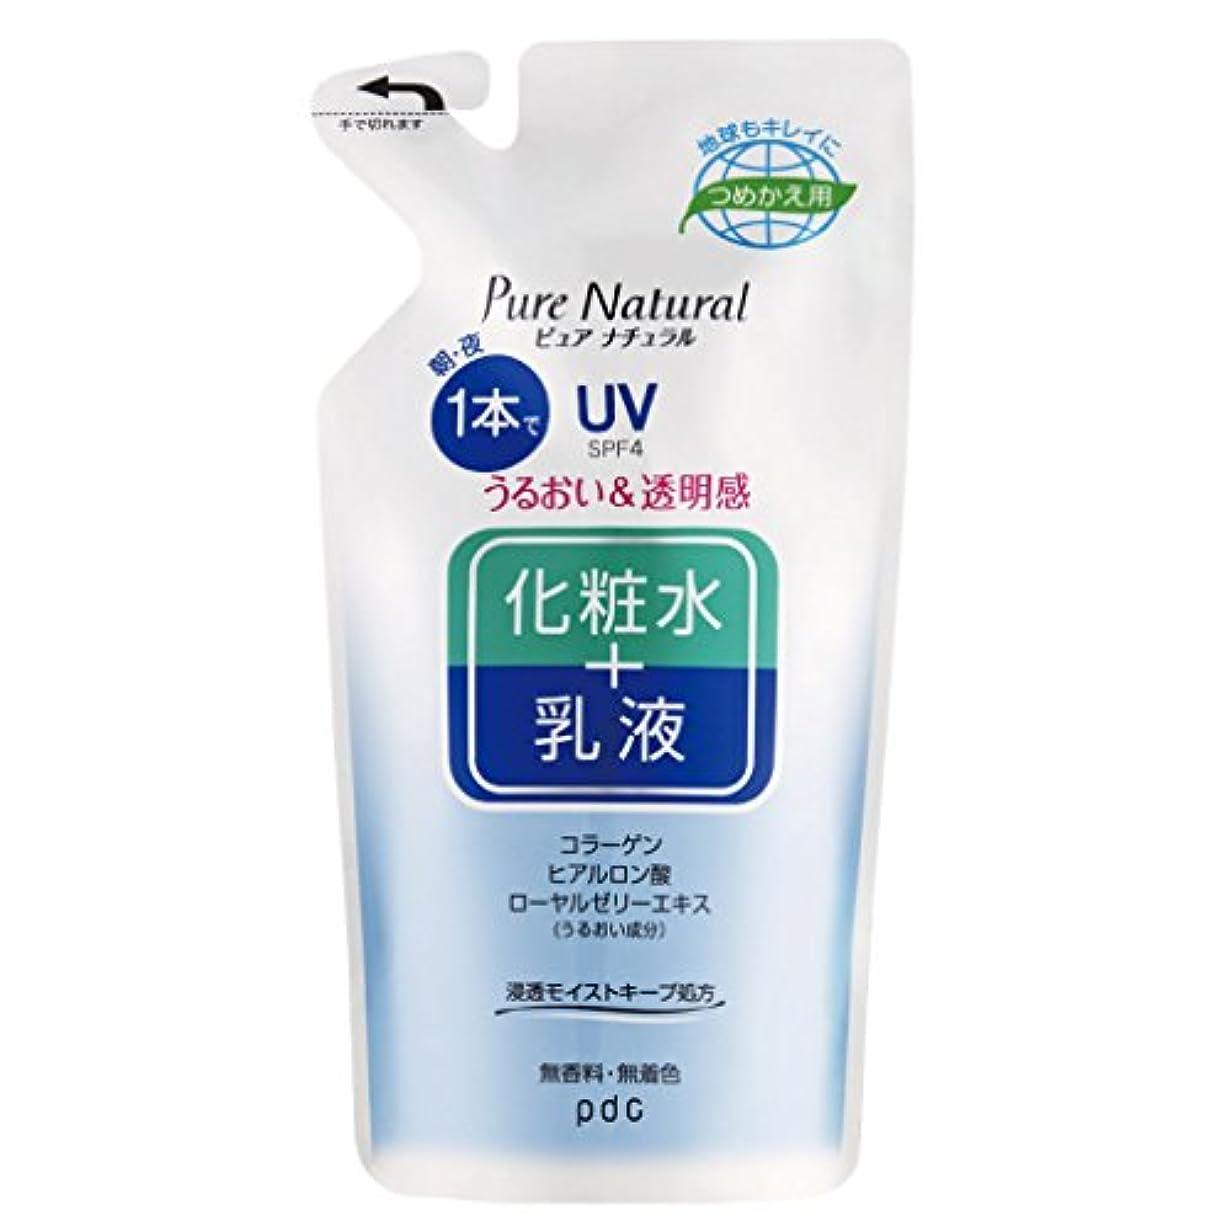 スキャンダル代表するおとなしいPure NATURAL(ピュアナチュラル) エッセンスローション UV (つめかえ用) 200mL